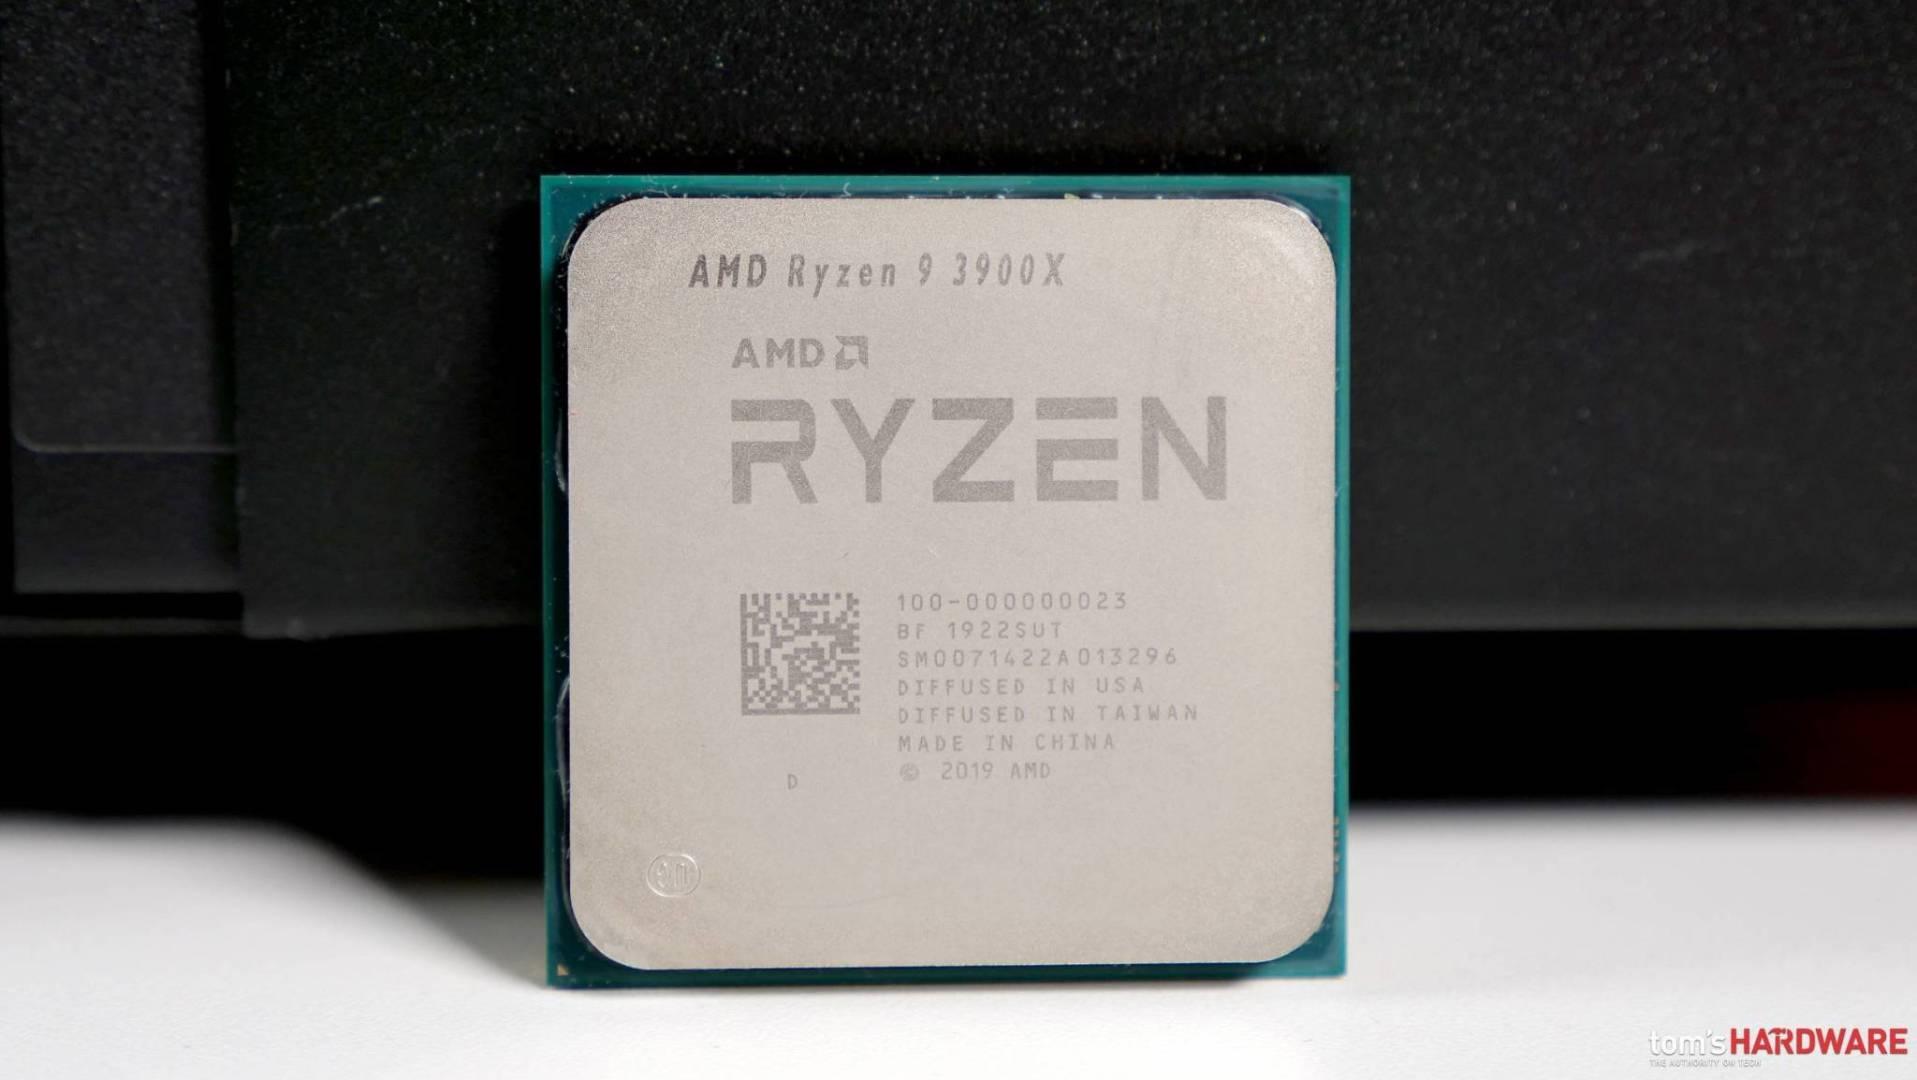 AMD Ryzen 9 3900X e Ryzen 7 3700X